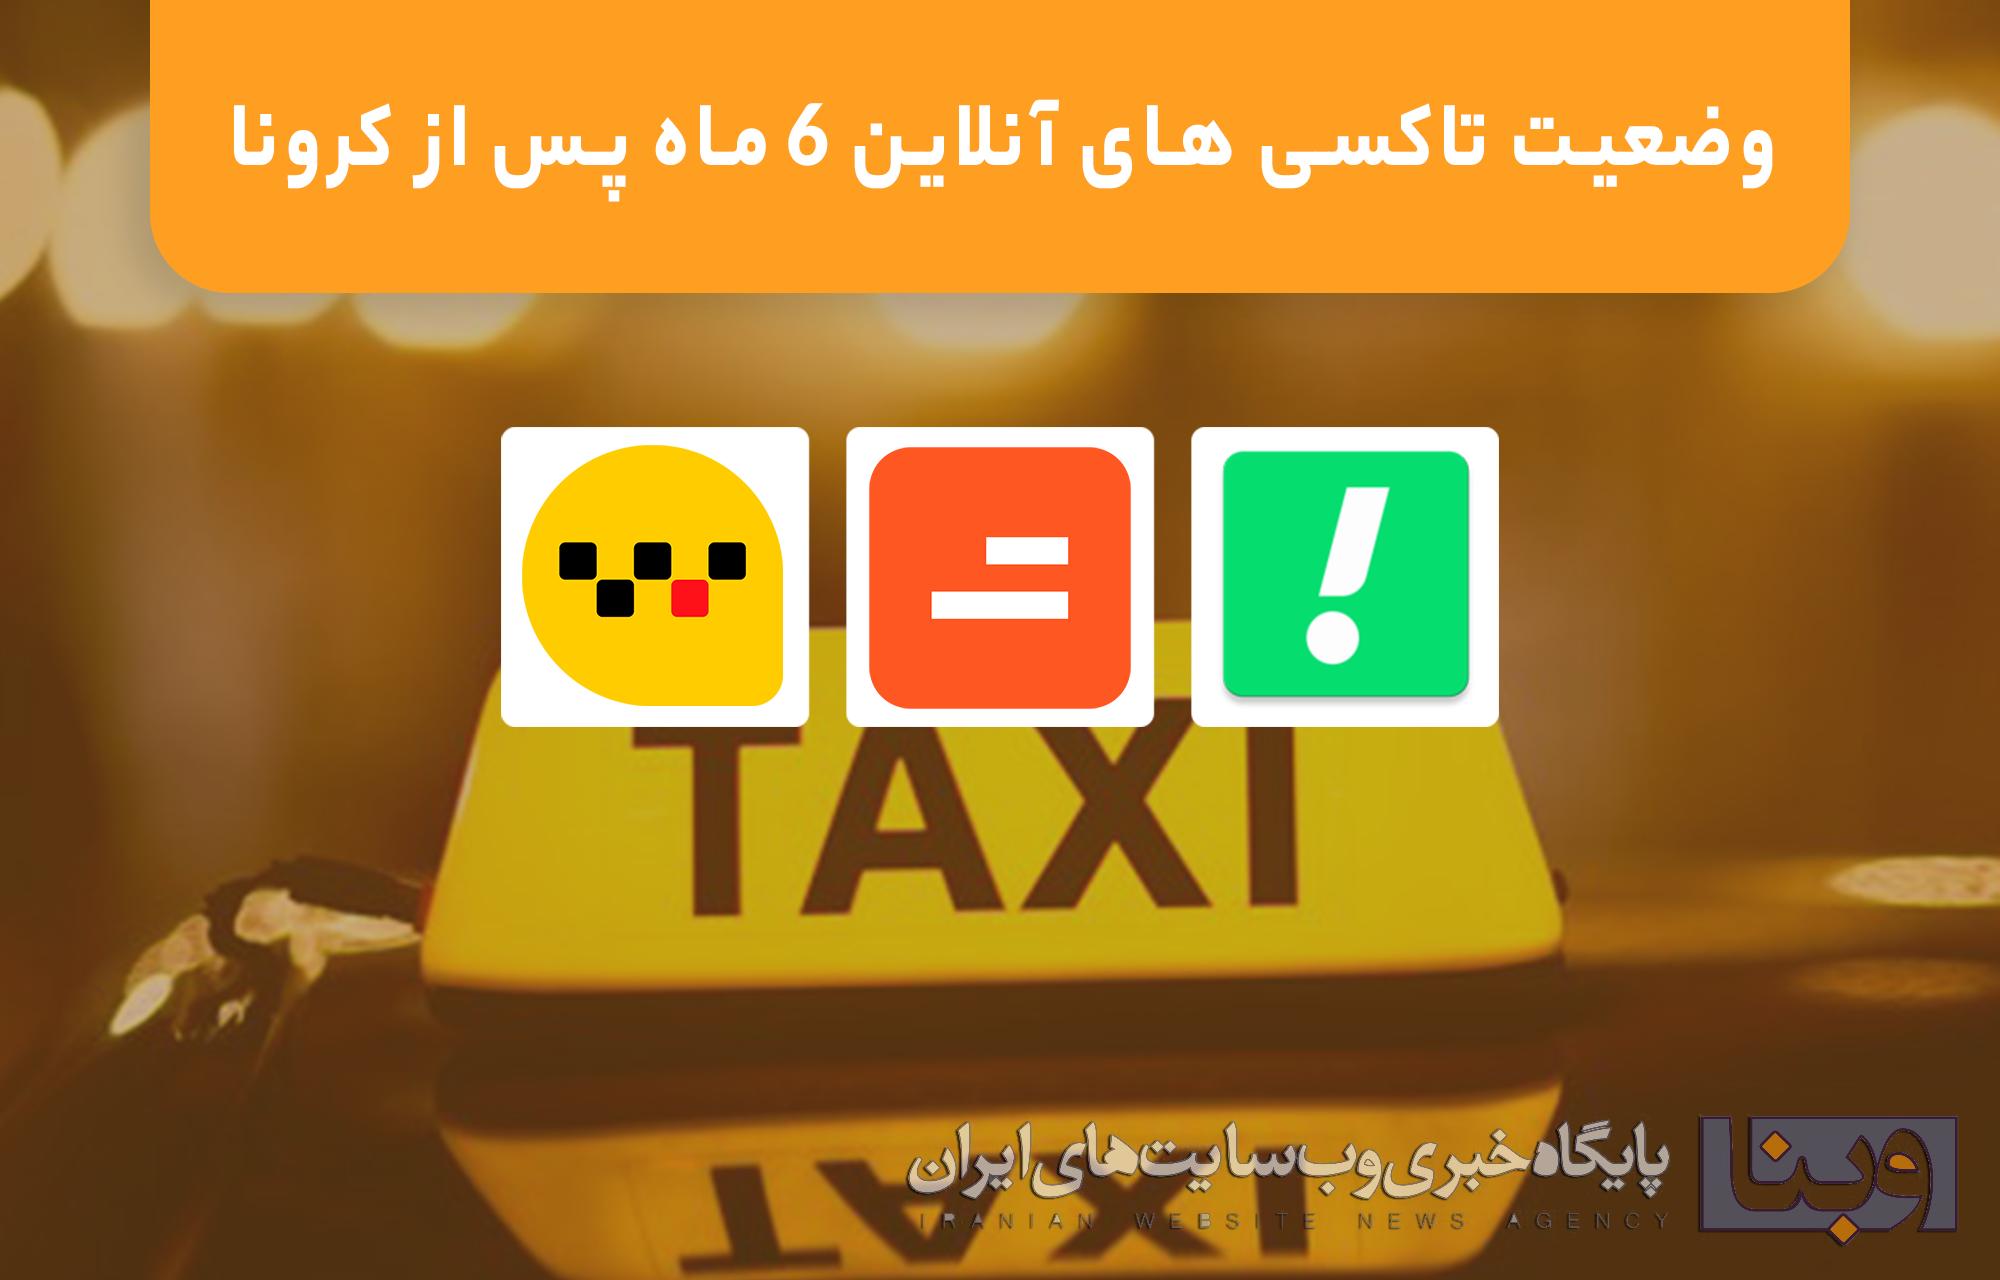 تاکسی اینترنتی در شرایط کرونا